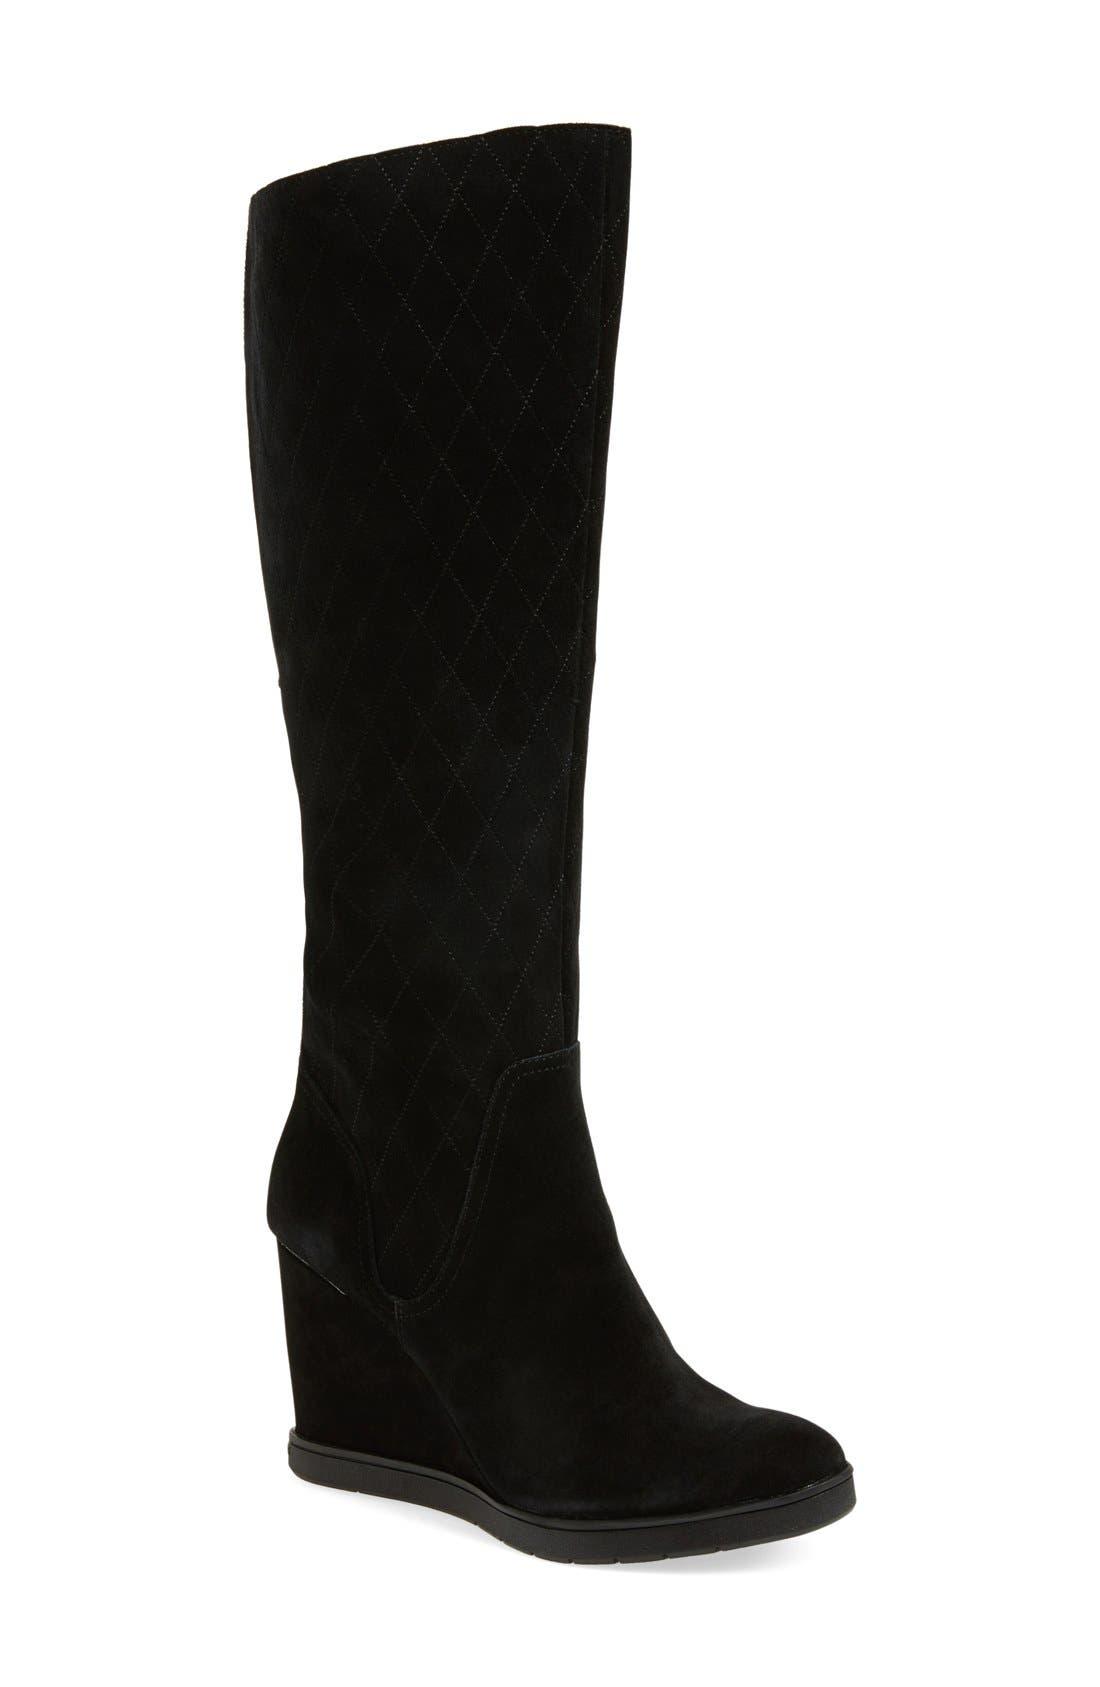 Alternate Image 1 Selected - Donald J Pliner 'Cadi' Wedge Boot (Women)